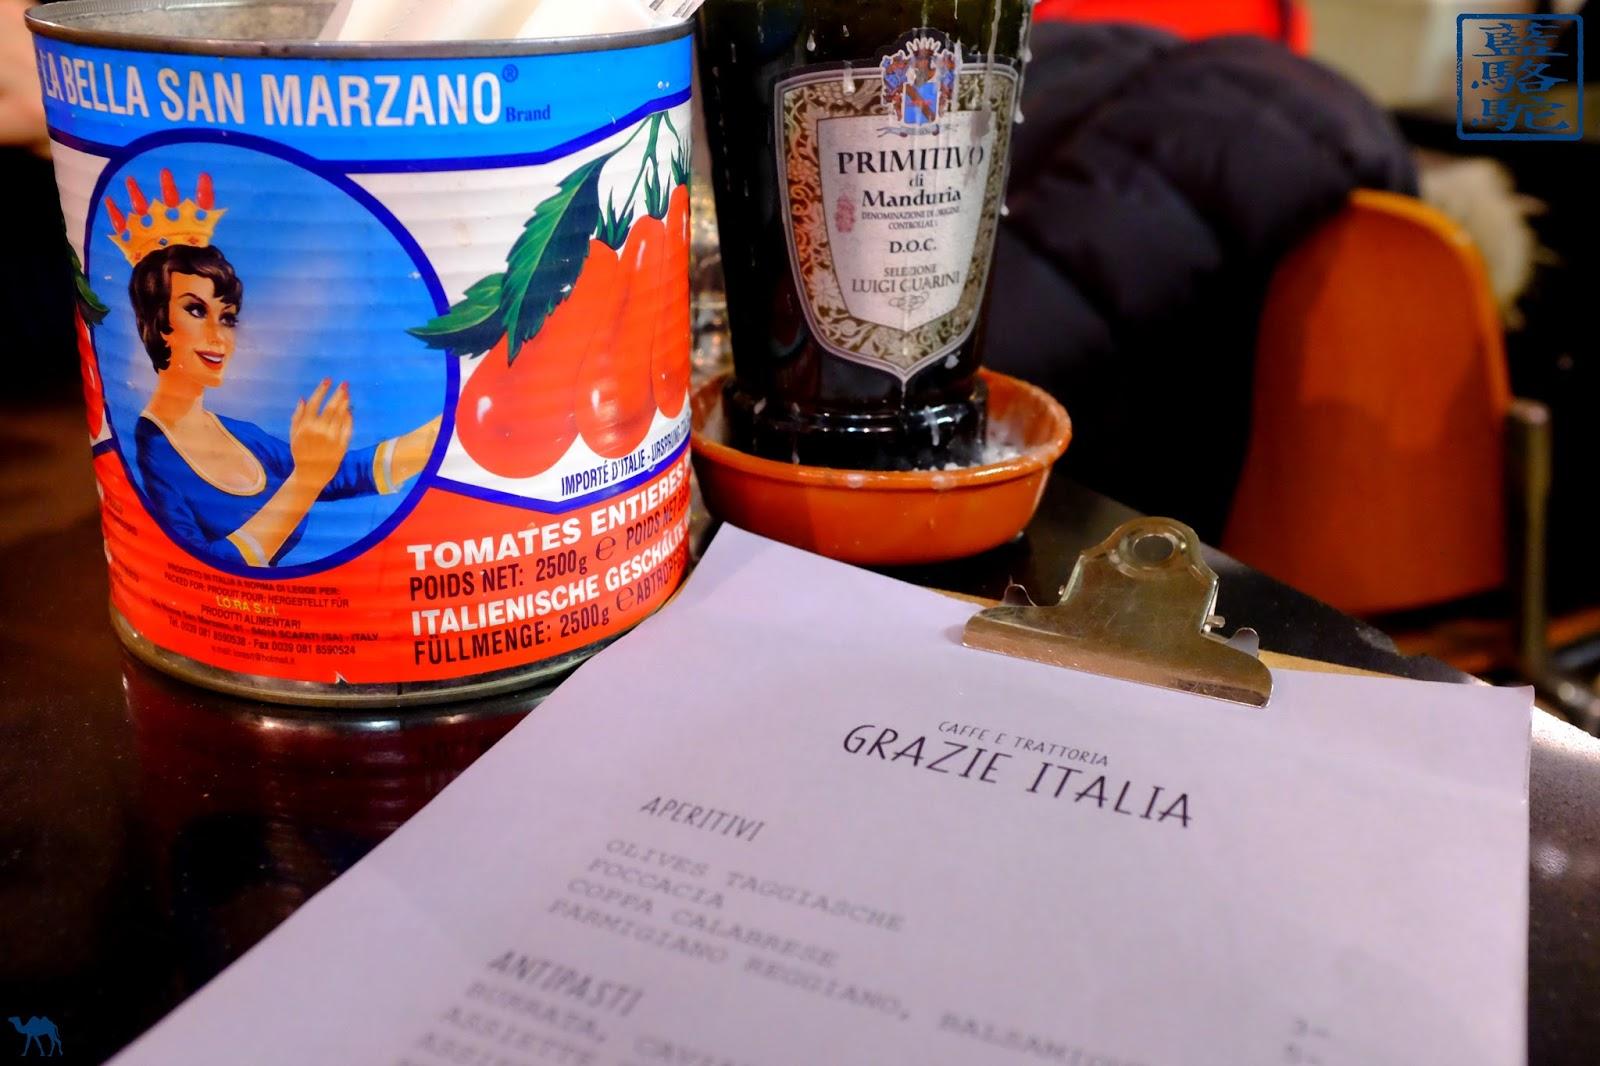 Le Chameau Bleu - Menu de Grazie Italia